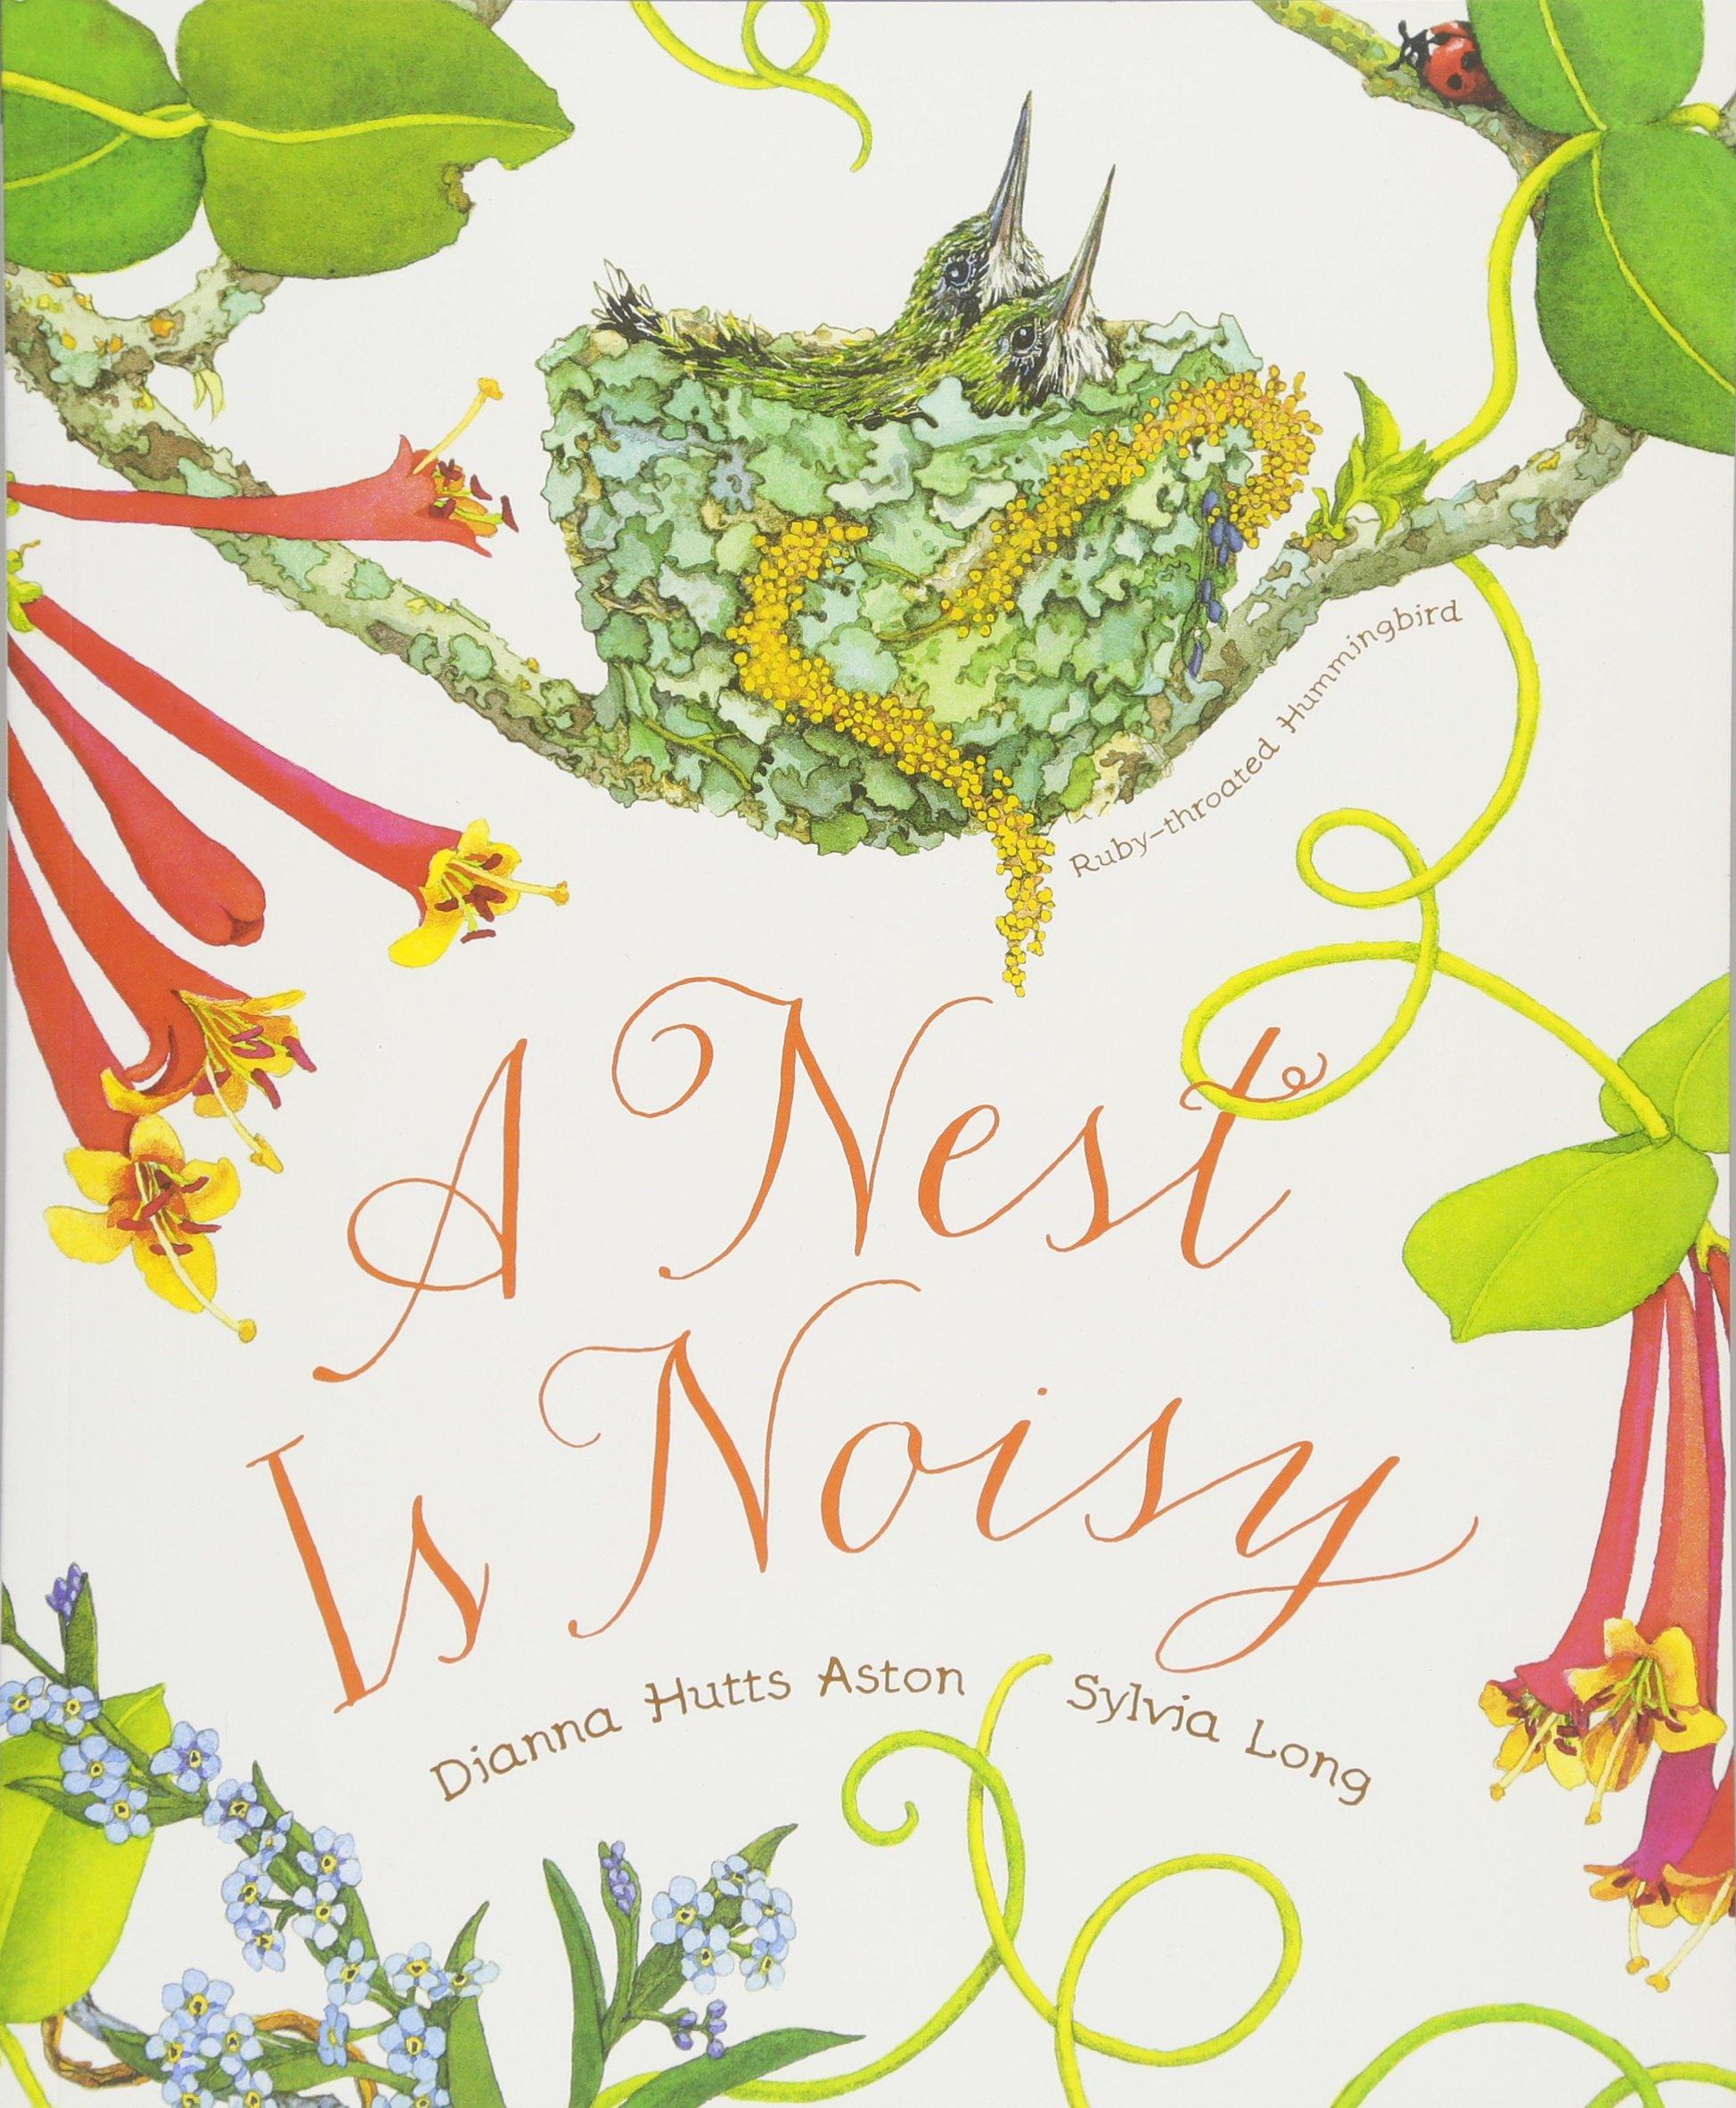 A Nest Is Noisy Dianna Hutts Aston Sylvia Long 9781452161358